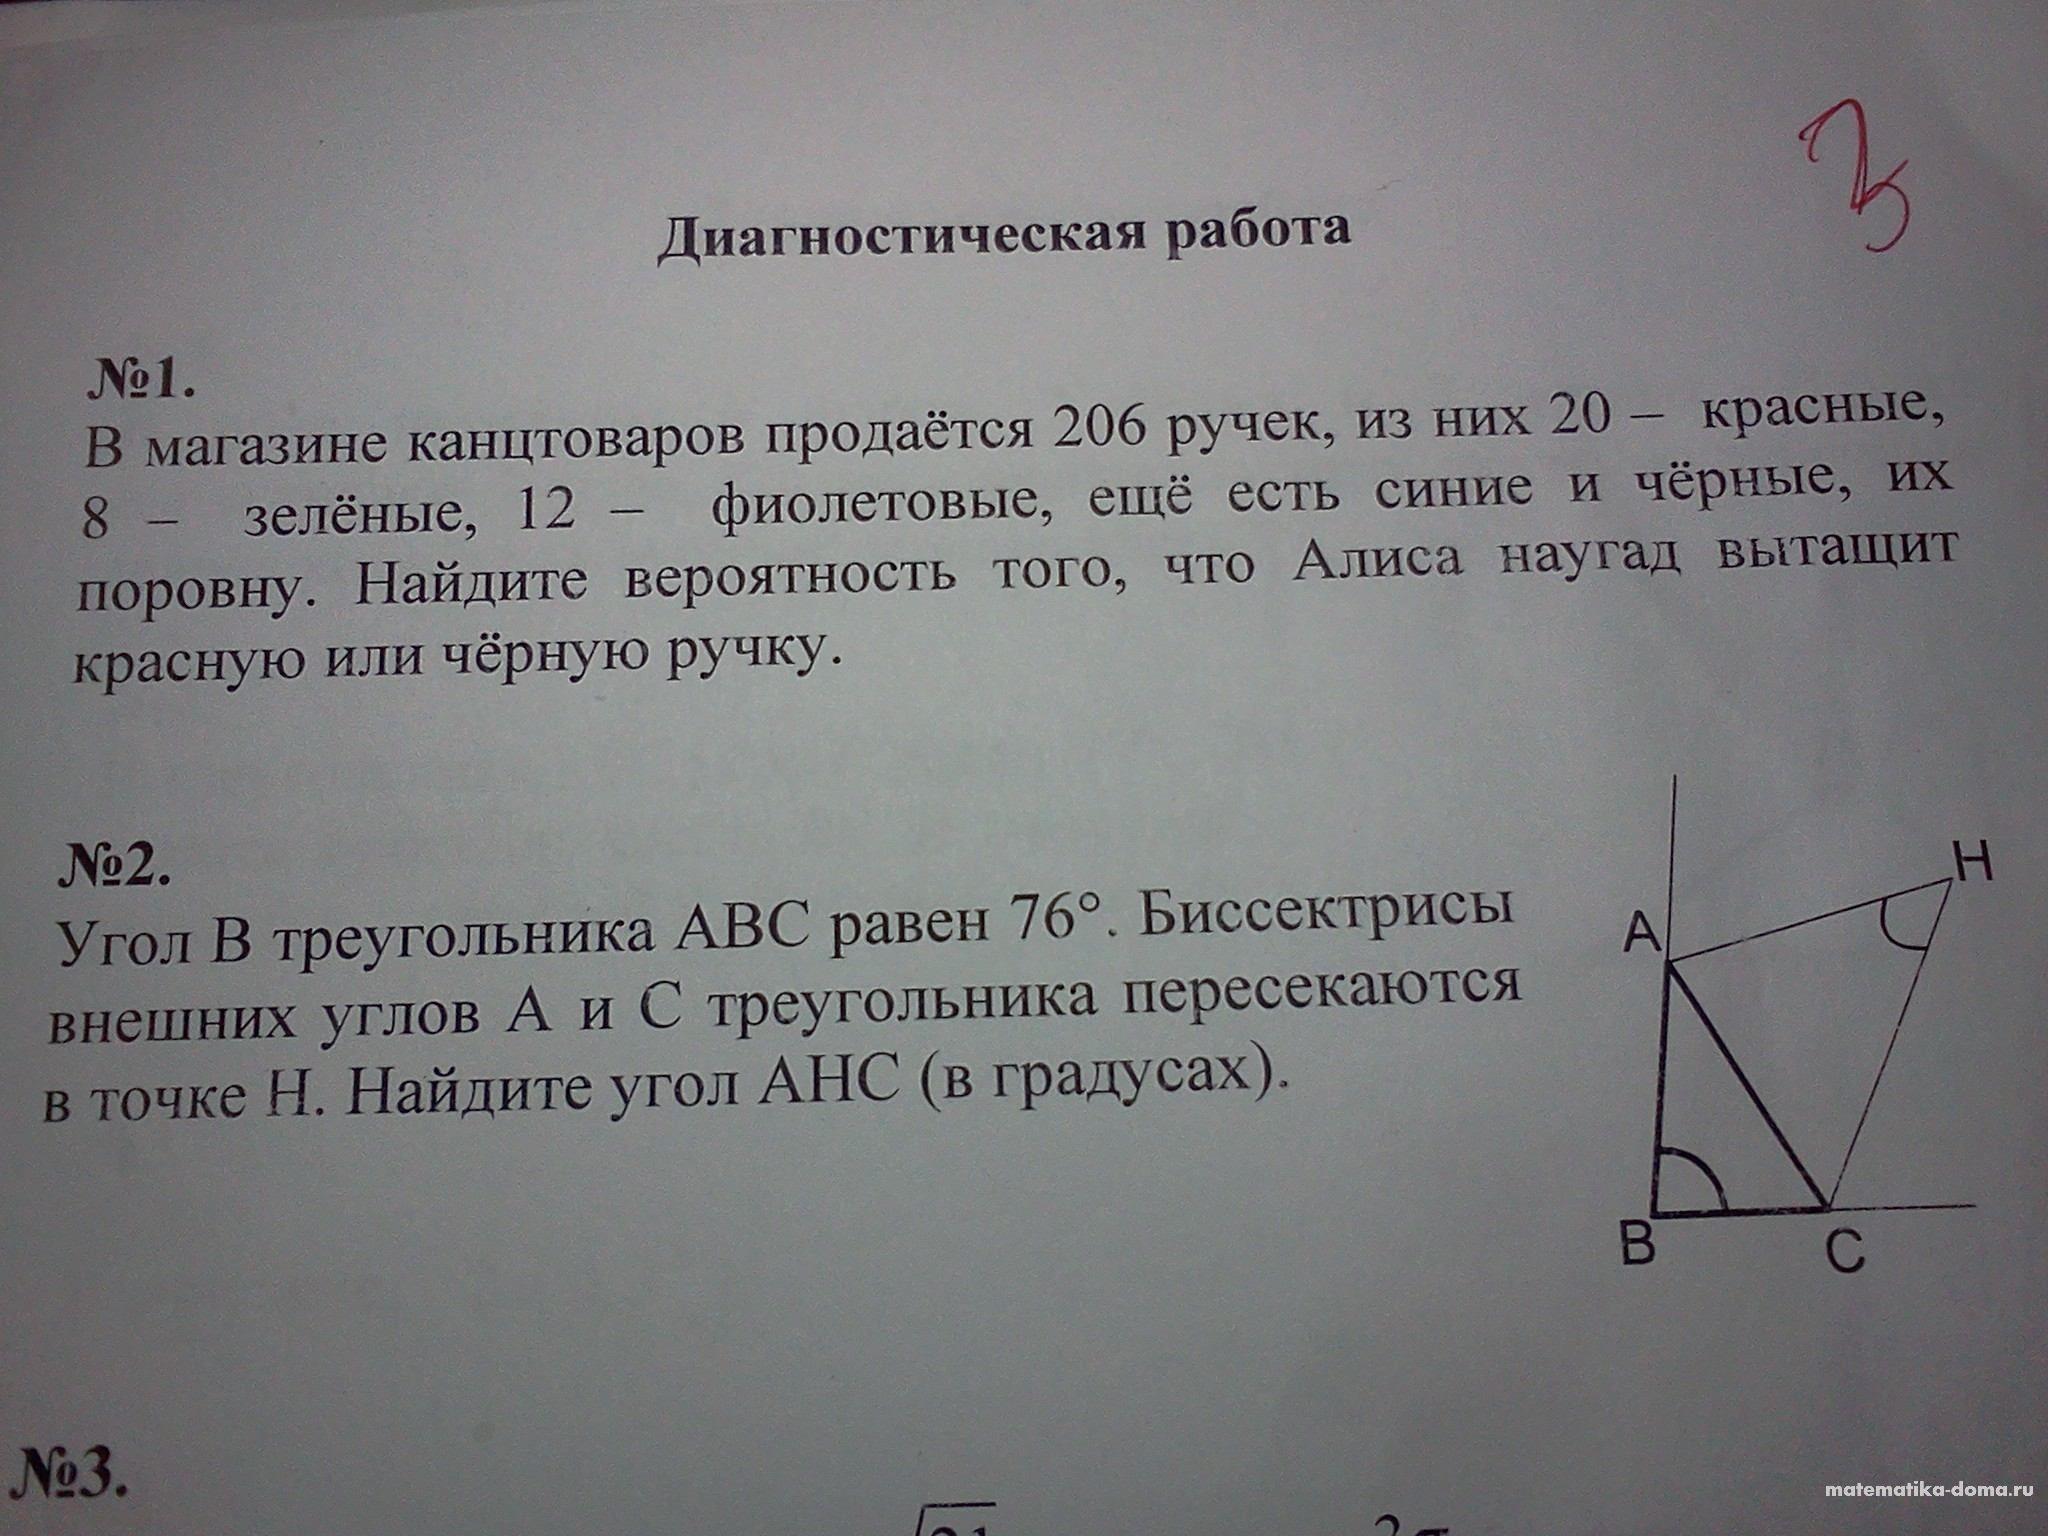 Гдз по обществознанию 7 класс рабочая тетрадь котова лискова спиши.ру